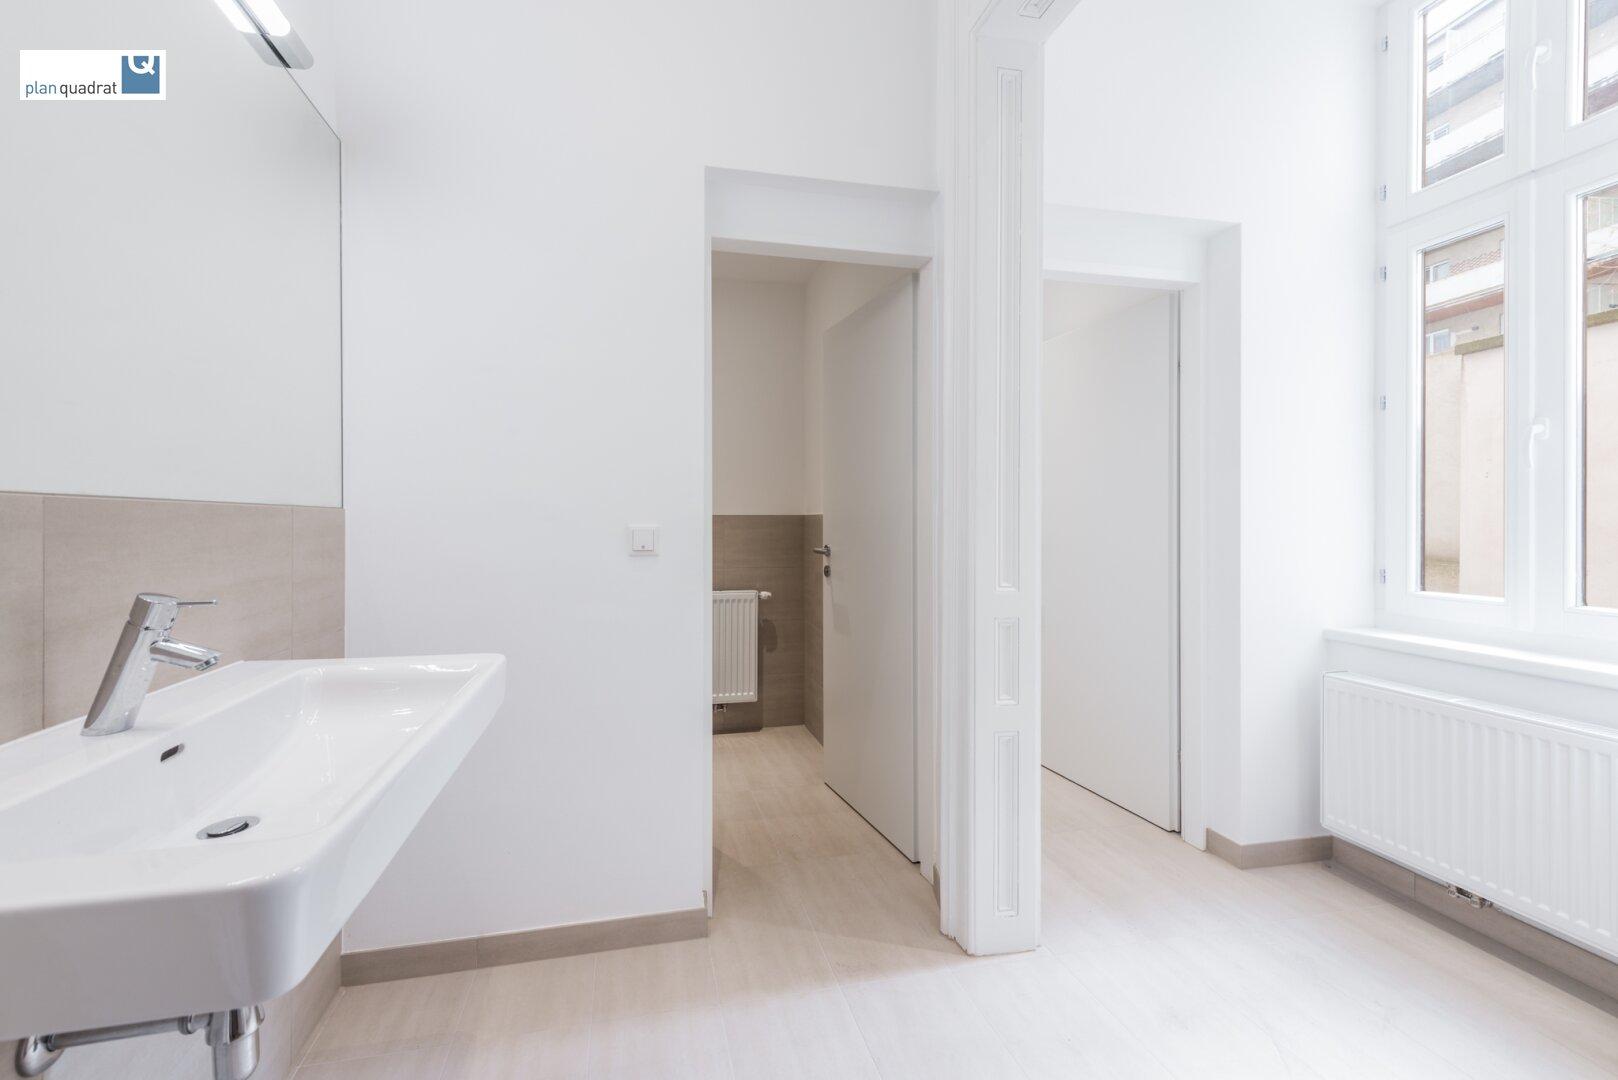 Vorraum - Sanitärräume